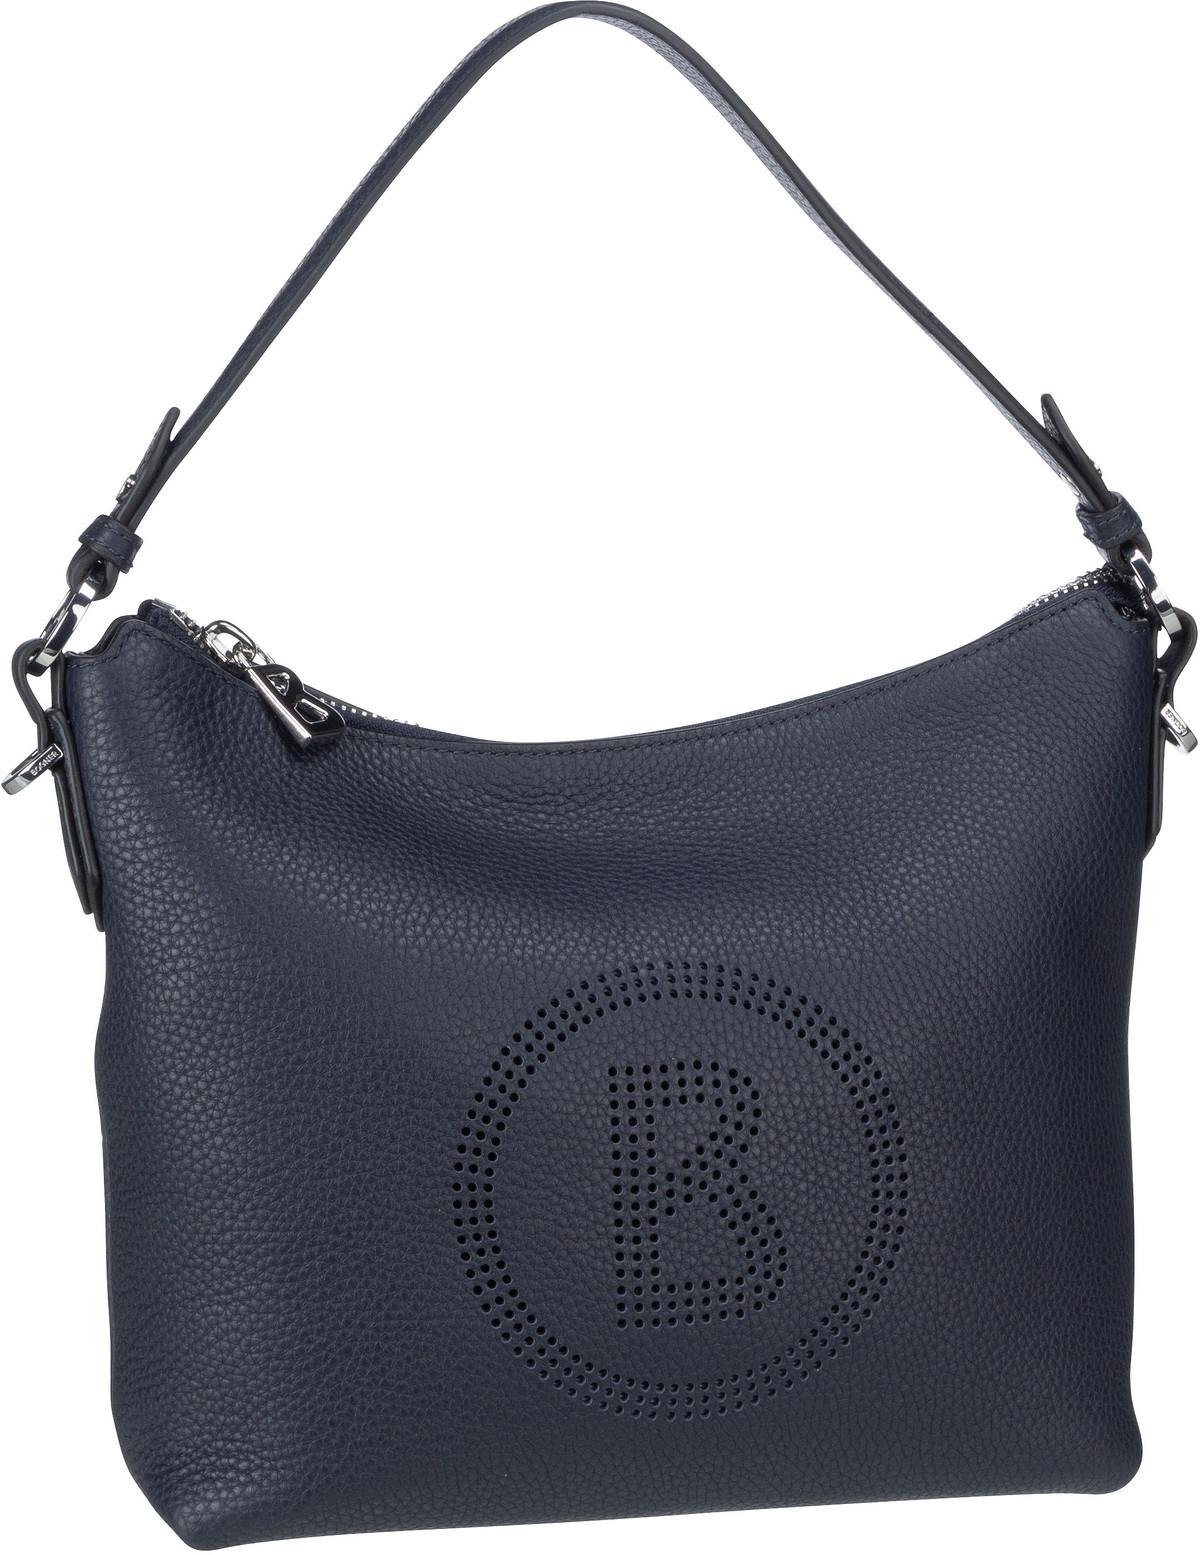 Handtasche Sulden Marie Hobo SHZ Dark Blue